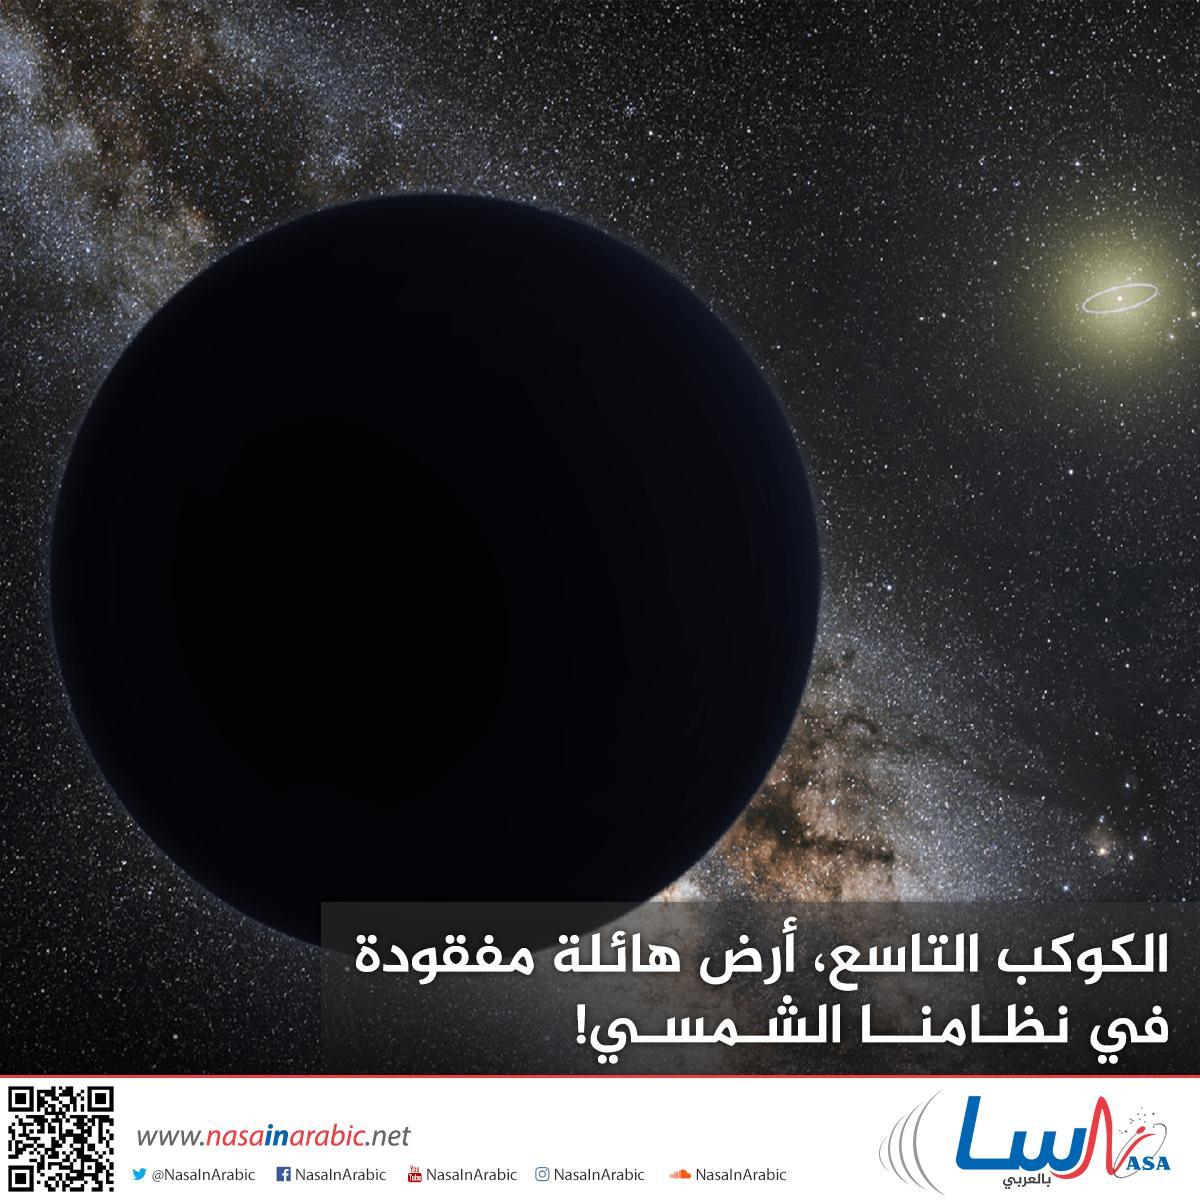 الكوكب التاسع، أرض هائلة مفقودة فى نظامنا الشمسي!